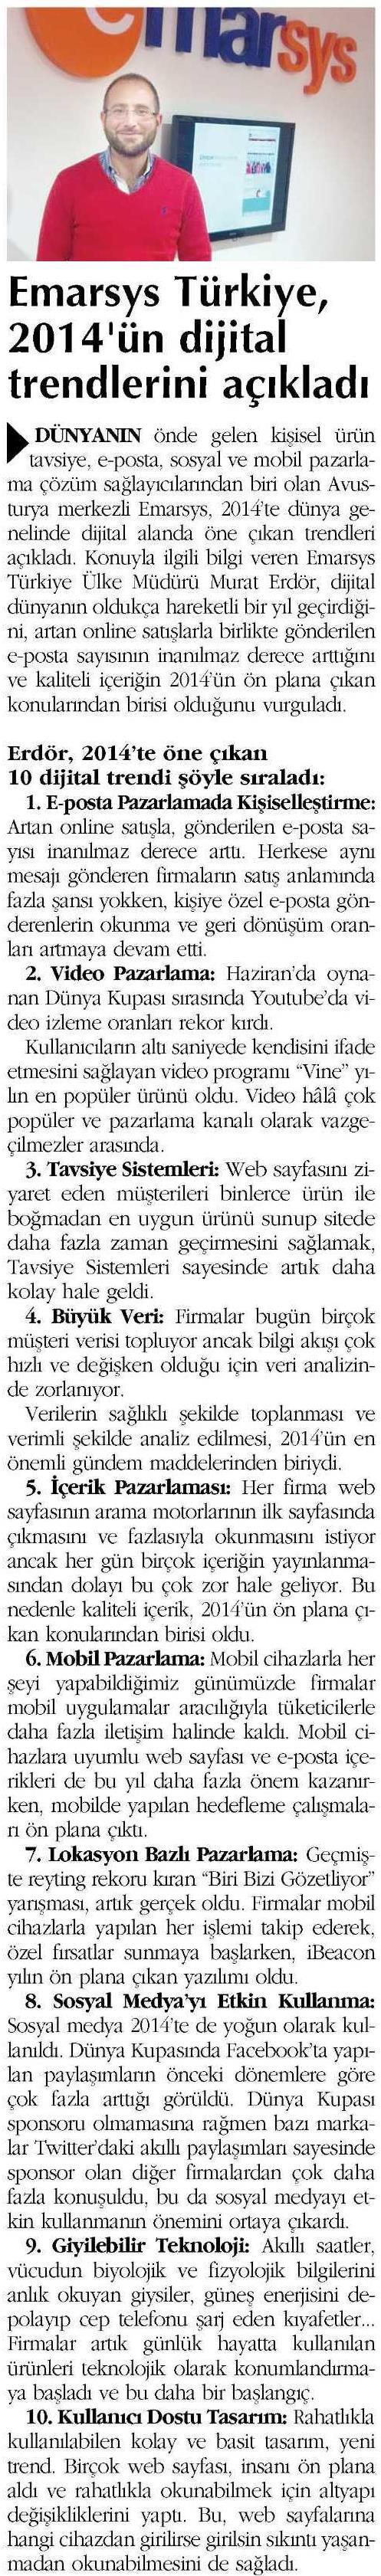 69 - Ortadoğu Gazetesi_muraterdor.com_28.12.2014